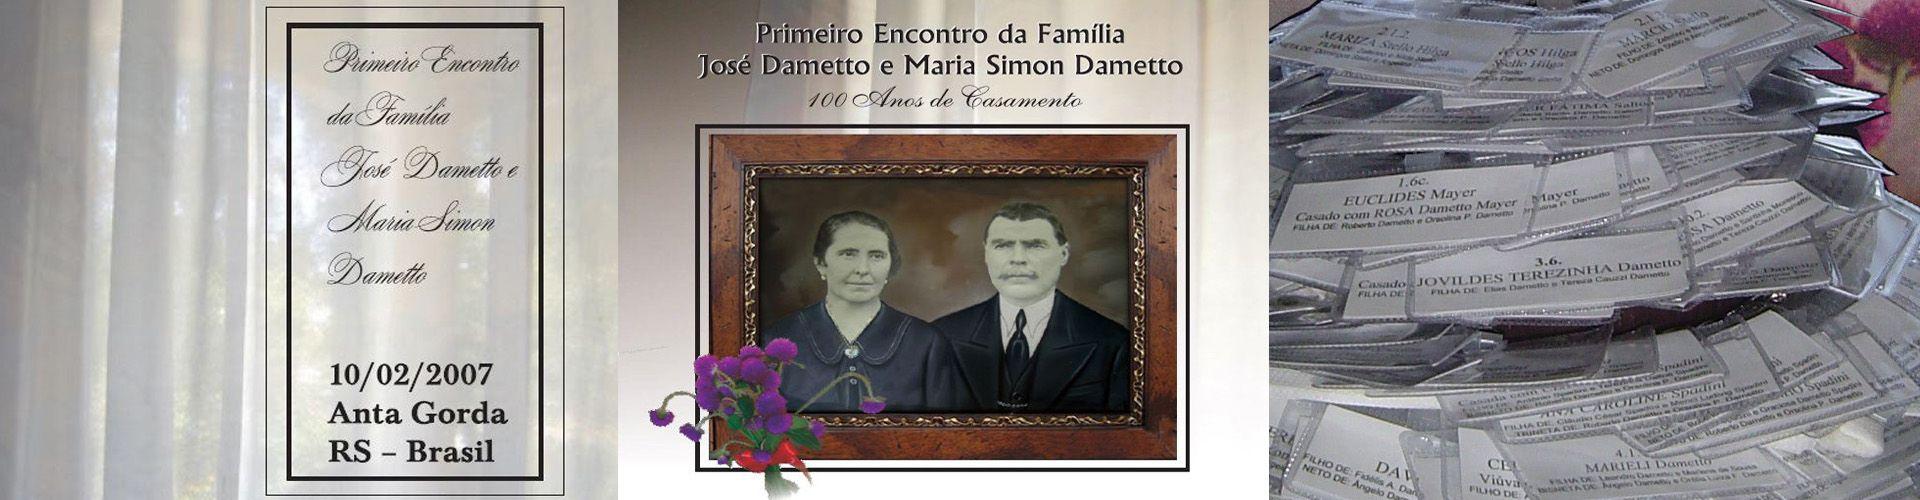 Convite e crachás do Primeiro Encontro da Família Dametto.